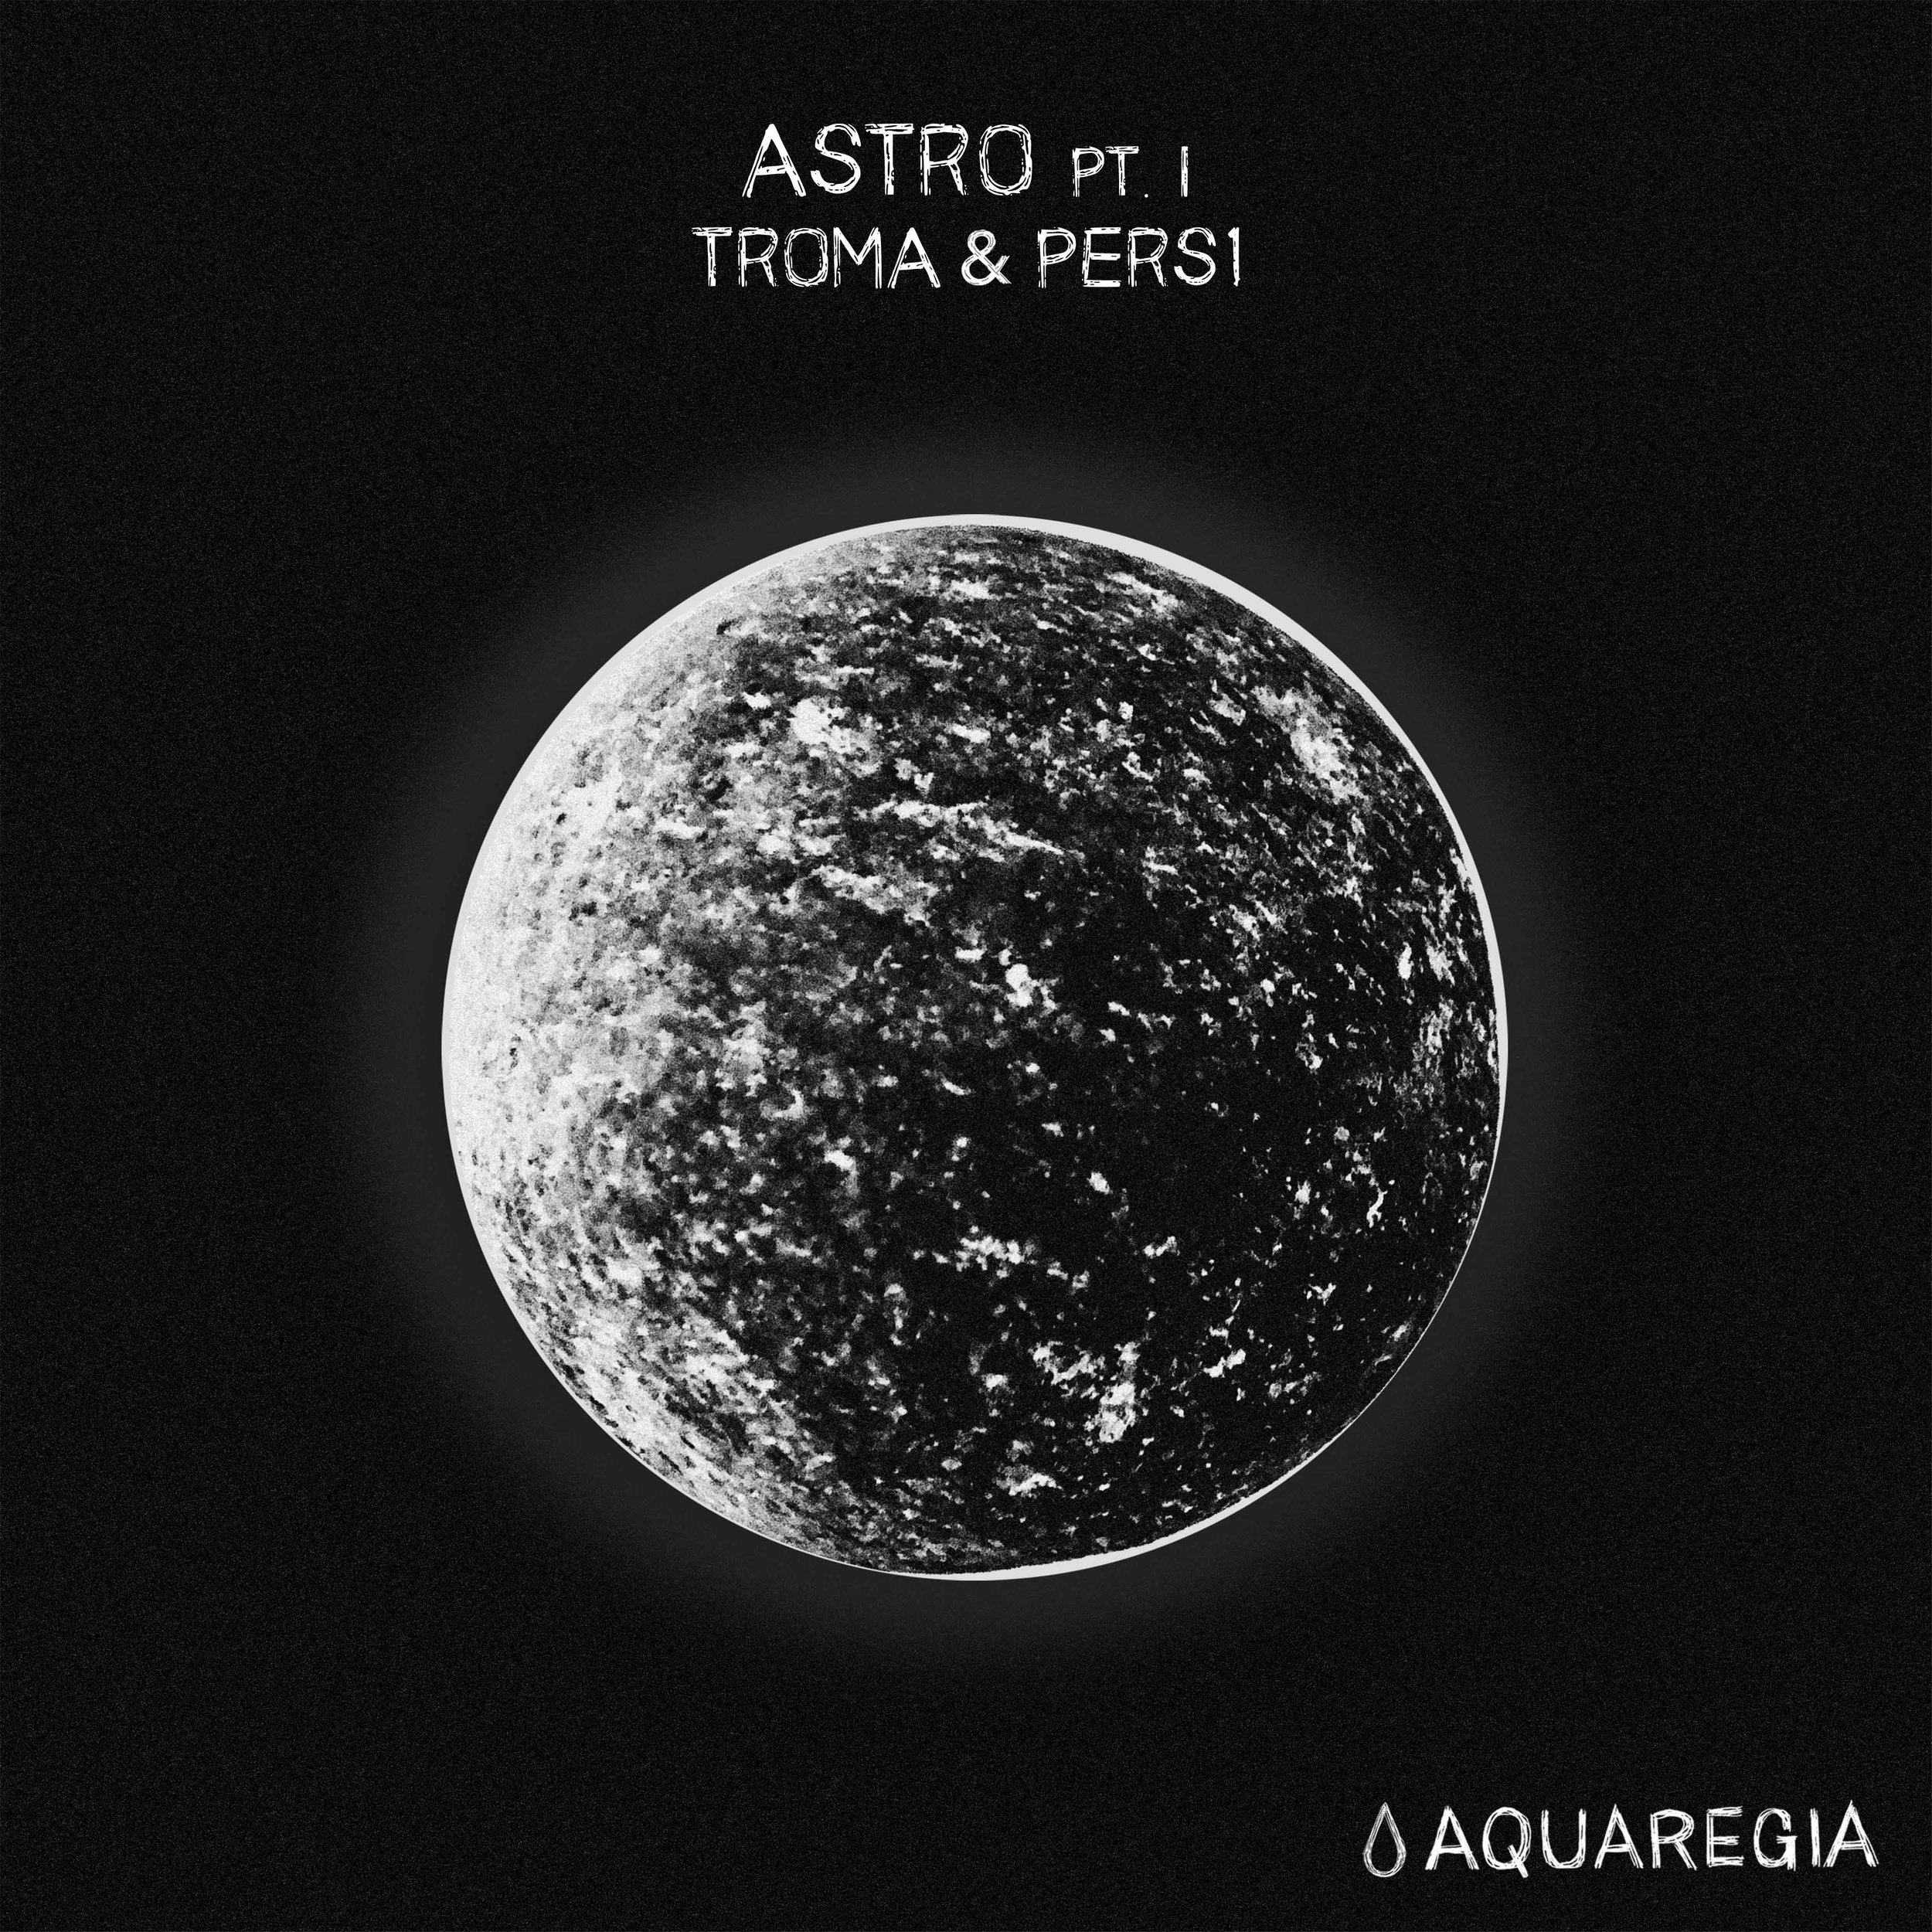 Troma & PERS1 - Astro Pt. I [AQR012]